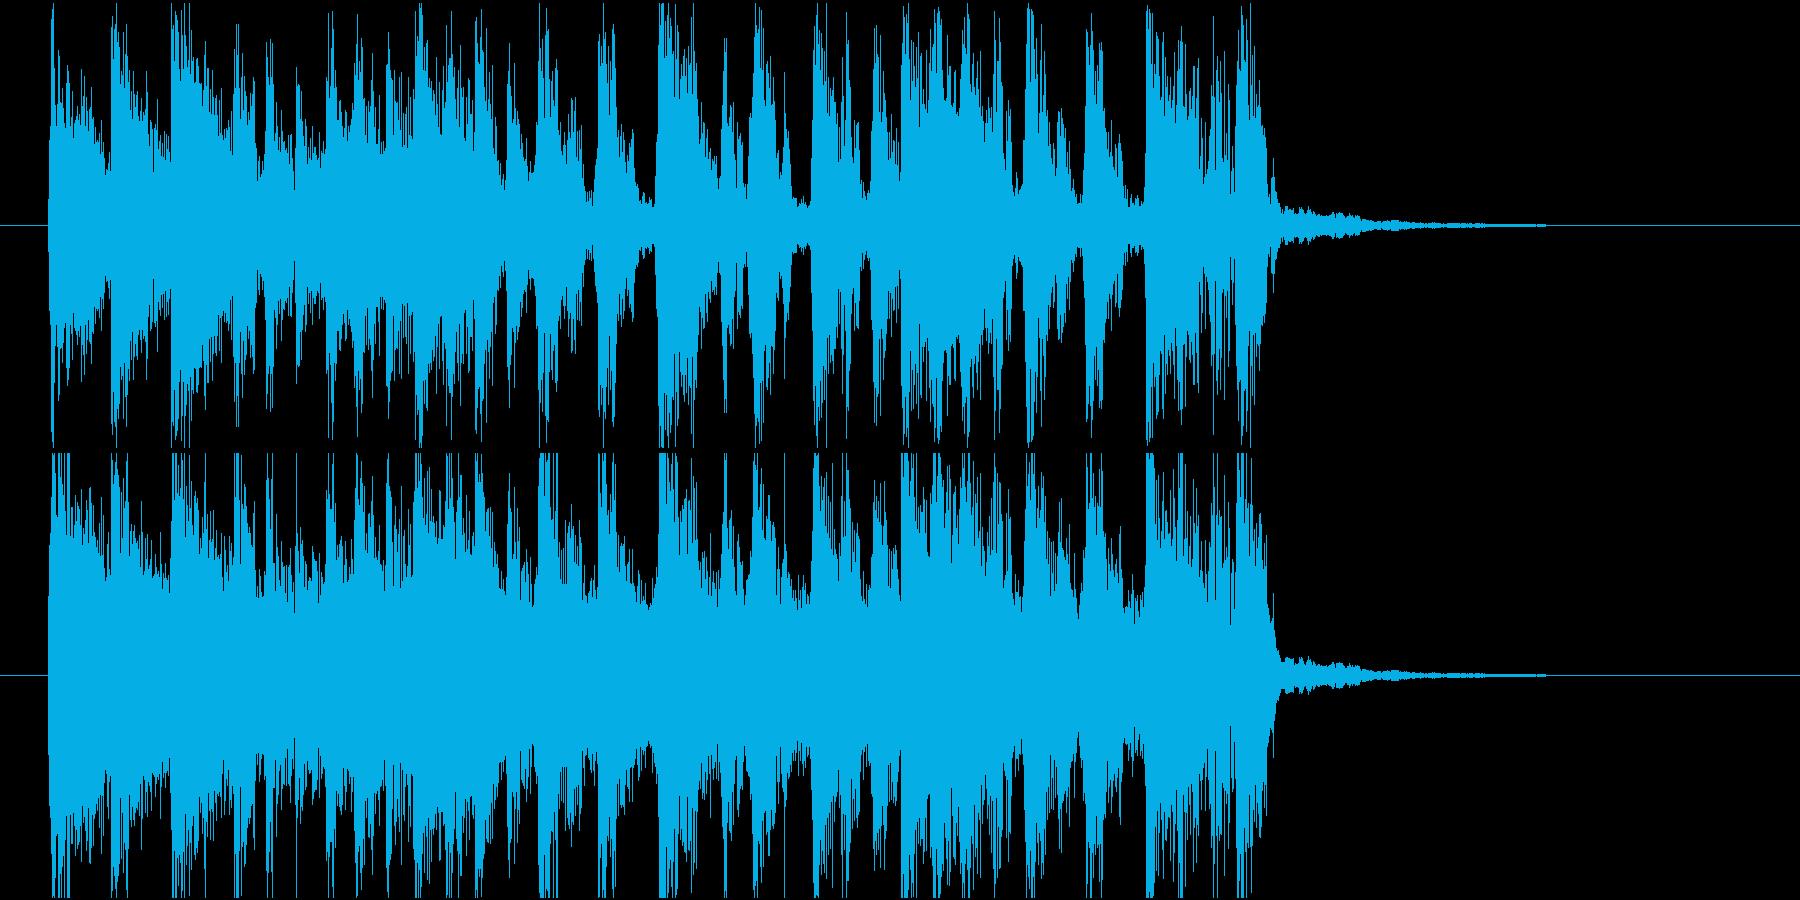 【ジングル】オルガン主体のバンド曲の再生済みの波形